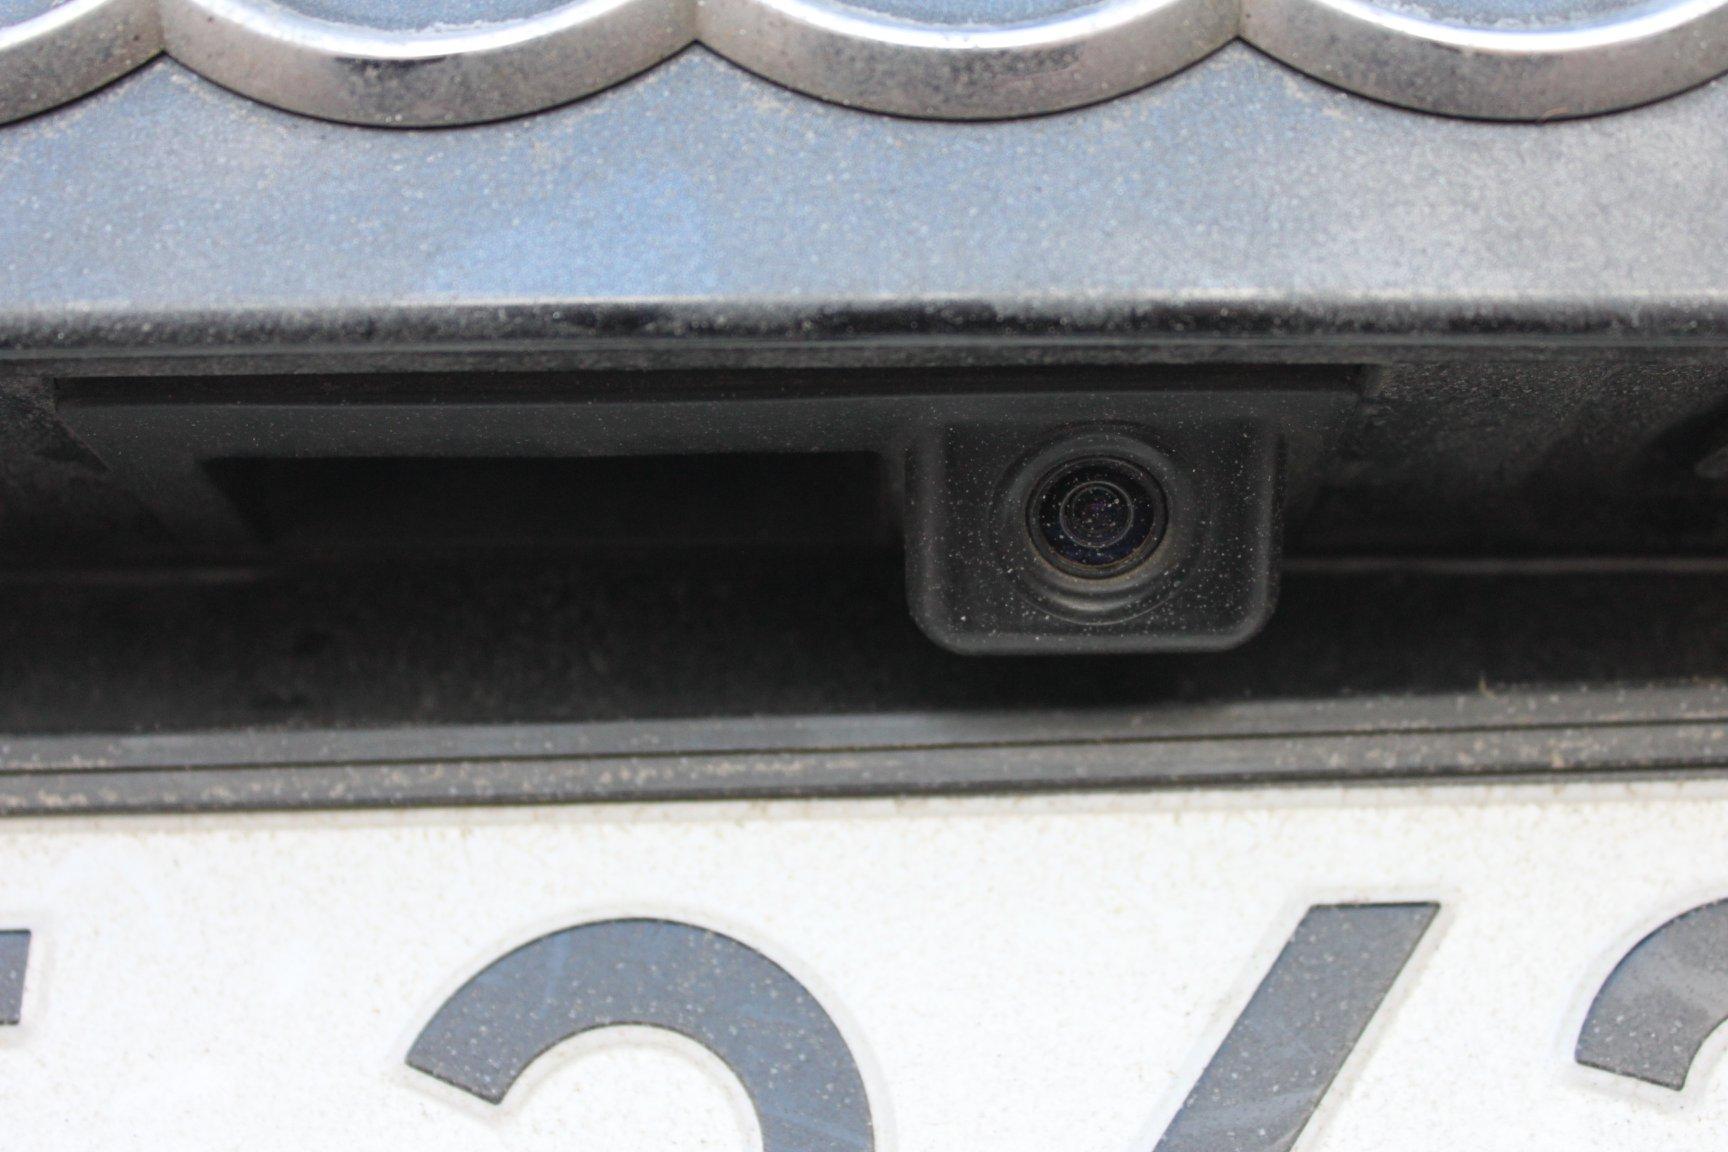 AUDI S5 3.0 V6 TFSI 2011 QUATTRO